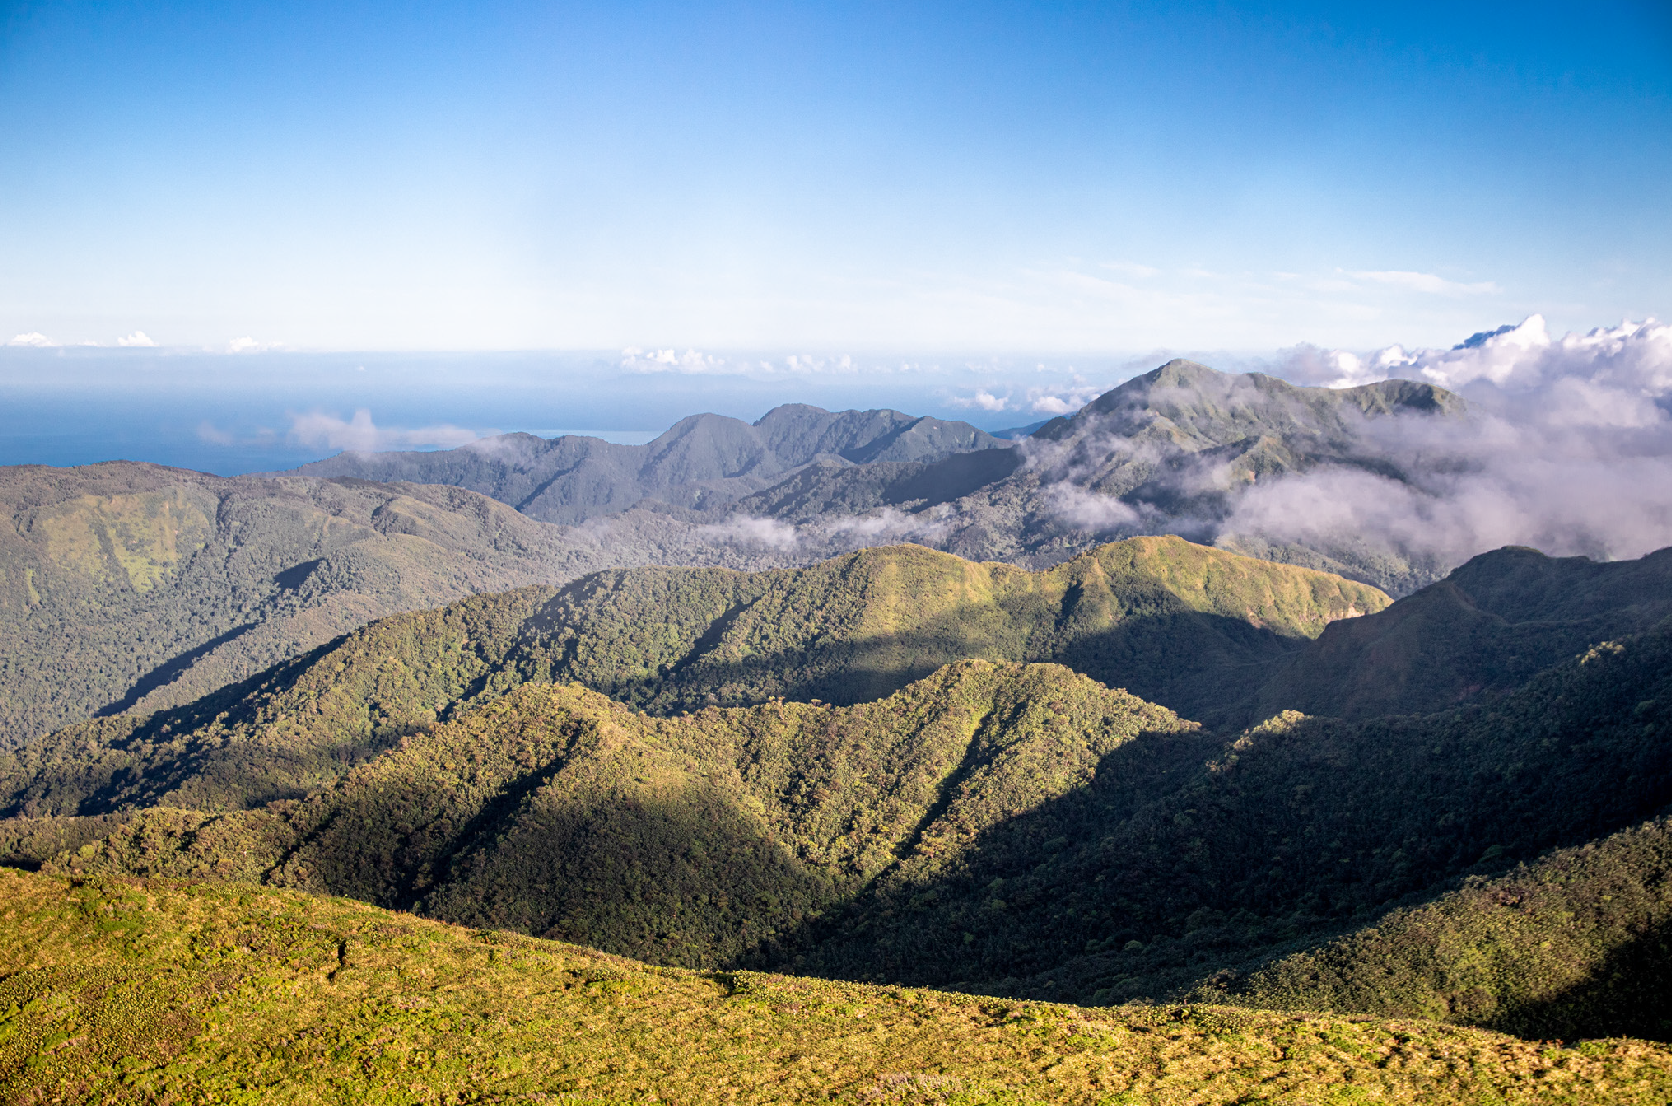 Vue du flan de la Soufrière. Guadeloupe